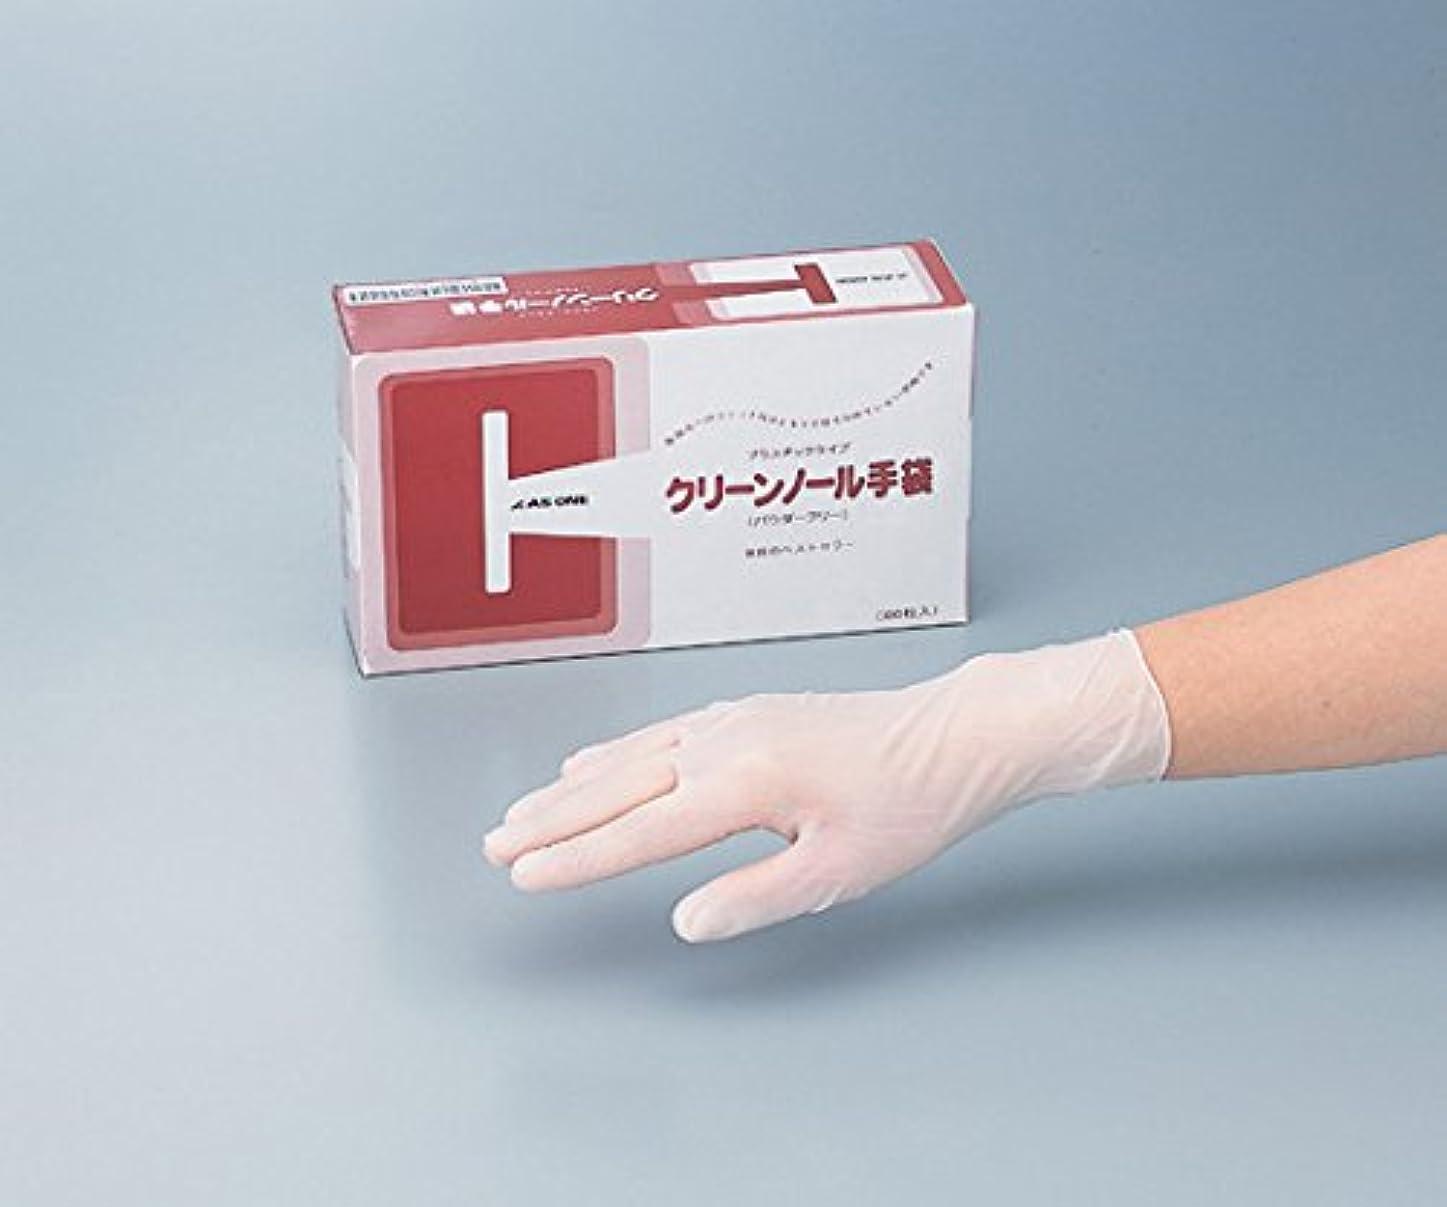 アズワン6-905-02クリーンノール手袋PVCパウダーフリーM100枚入